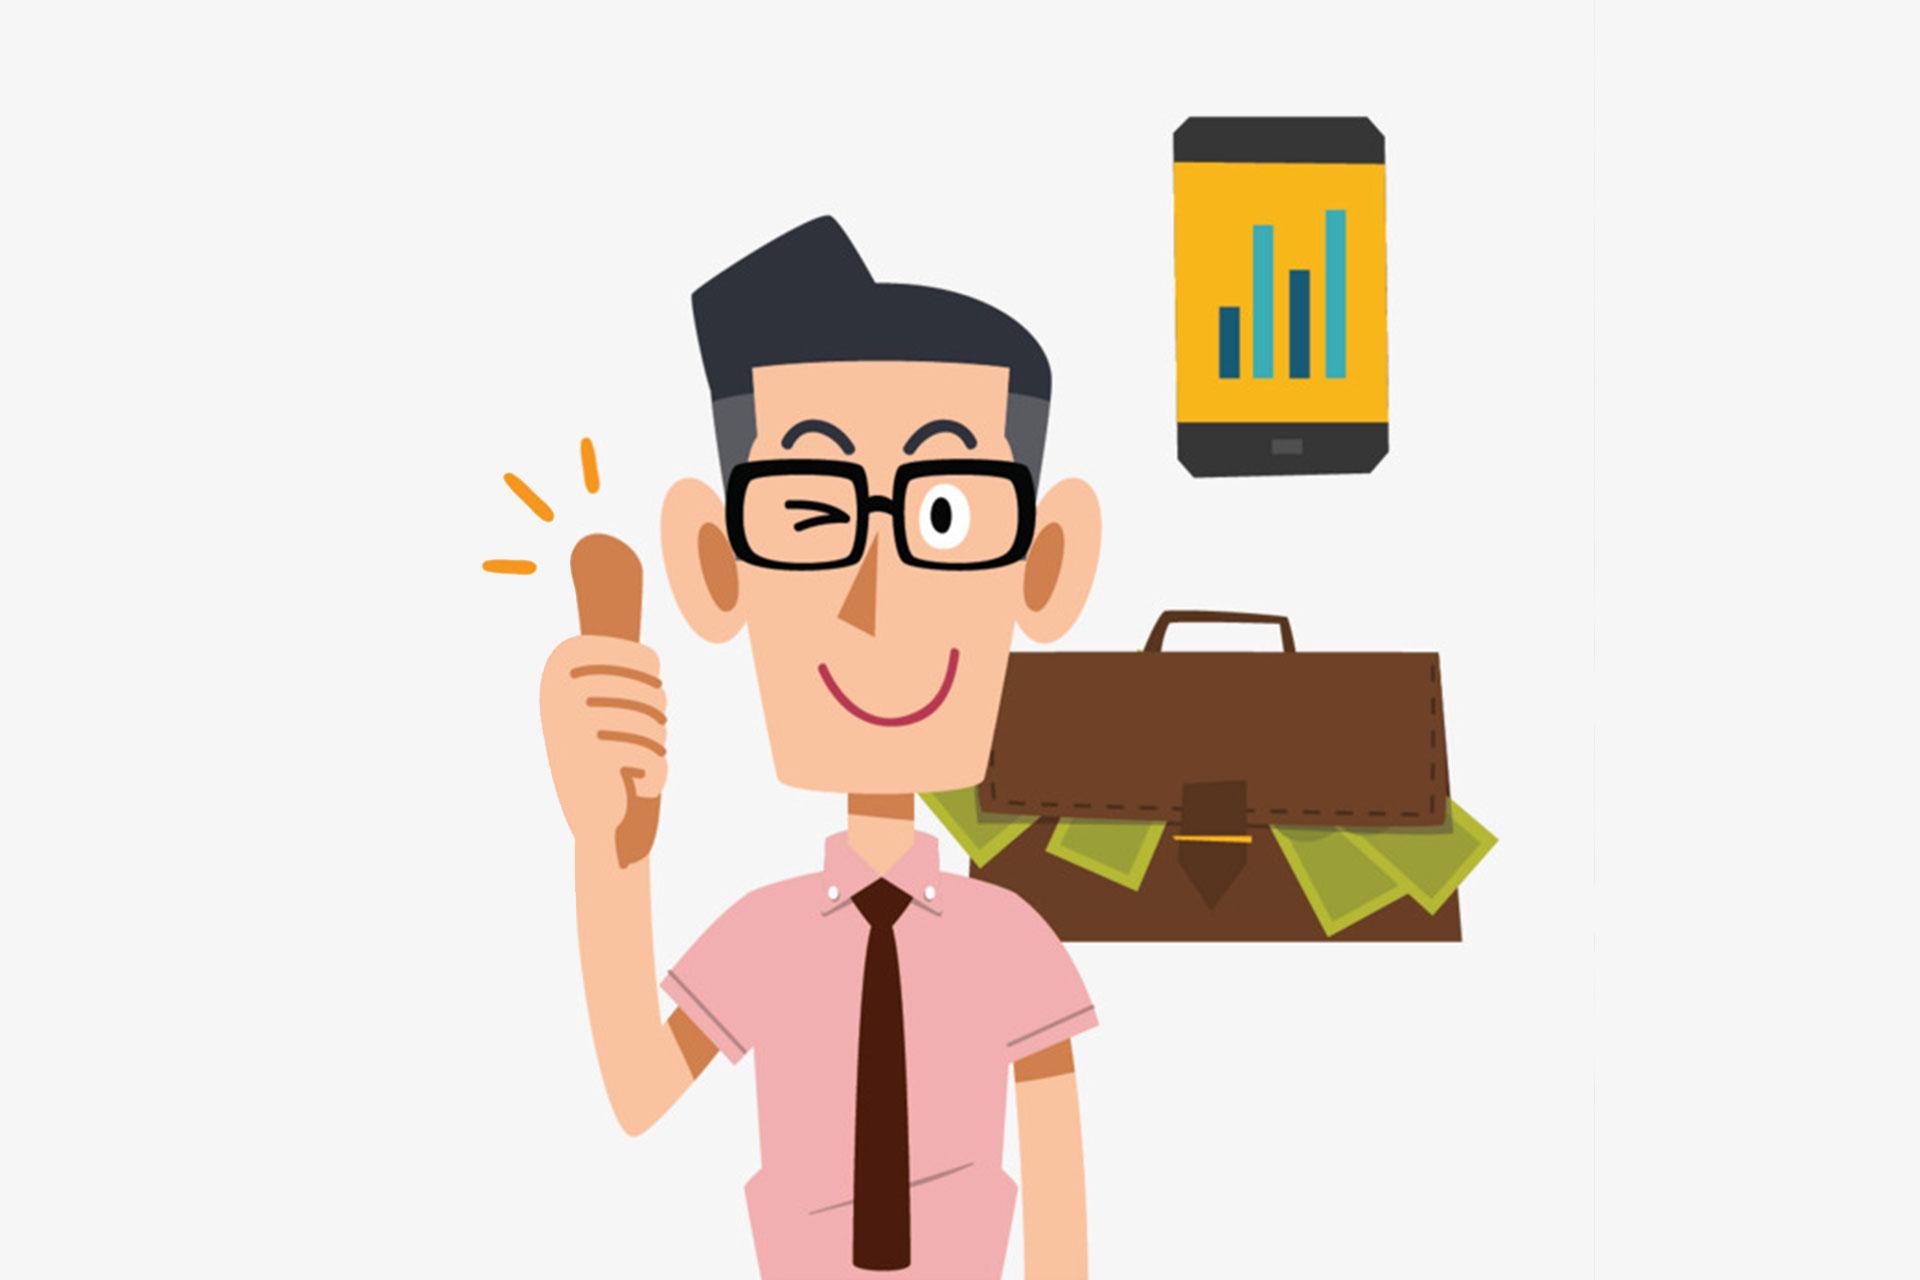 Nhà tuyển dụng mong muốn tìm kiếm nhân viên mua hàng nhanh nhẹn, phục vụ tốt cho công việc